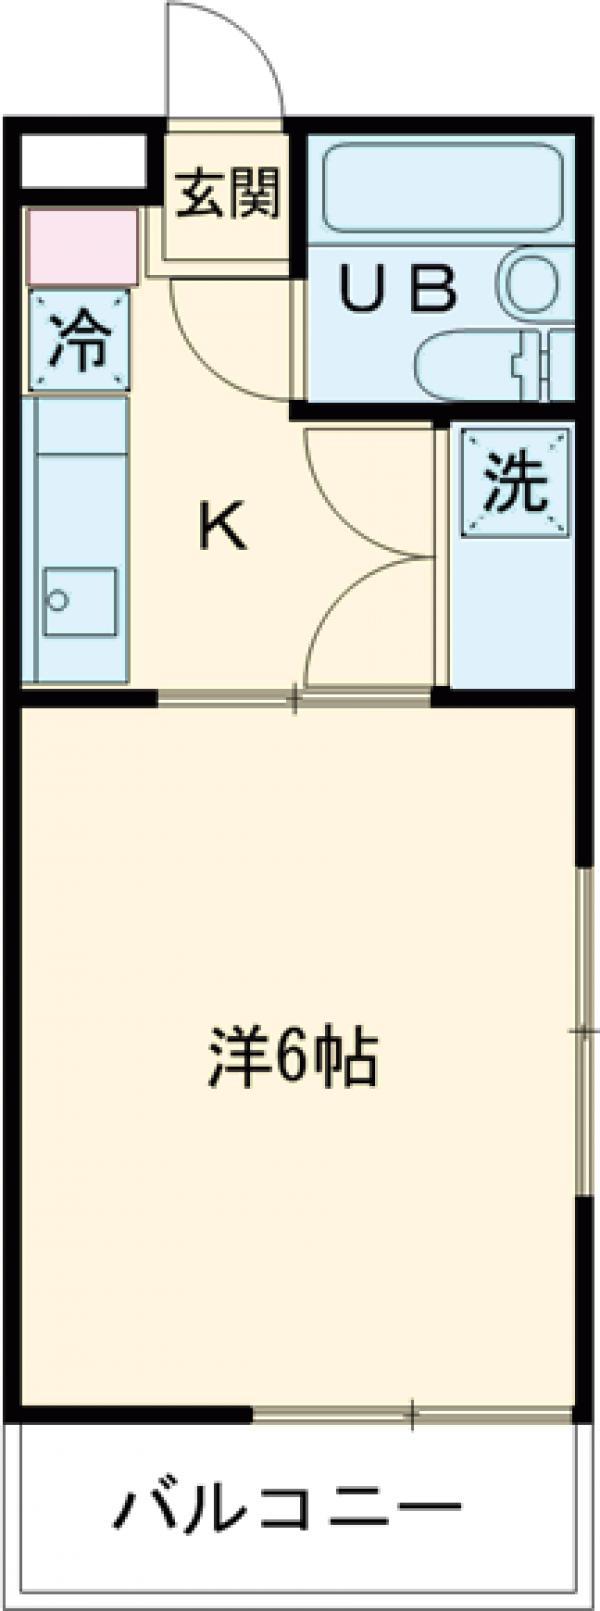 サンハイムEⅠ・201号室の間取り